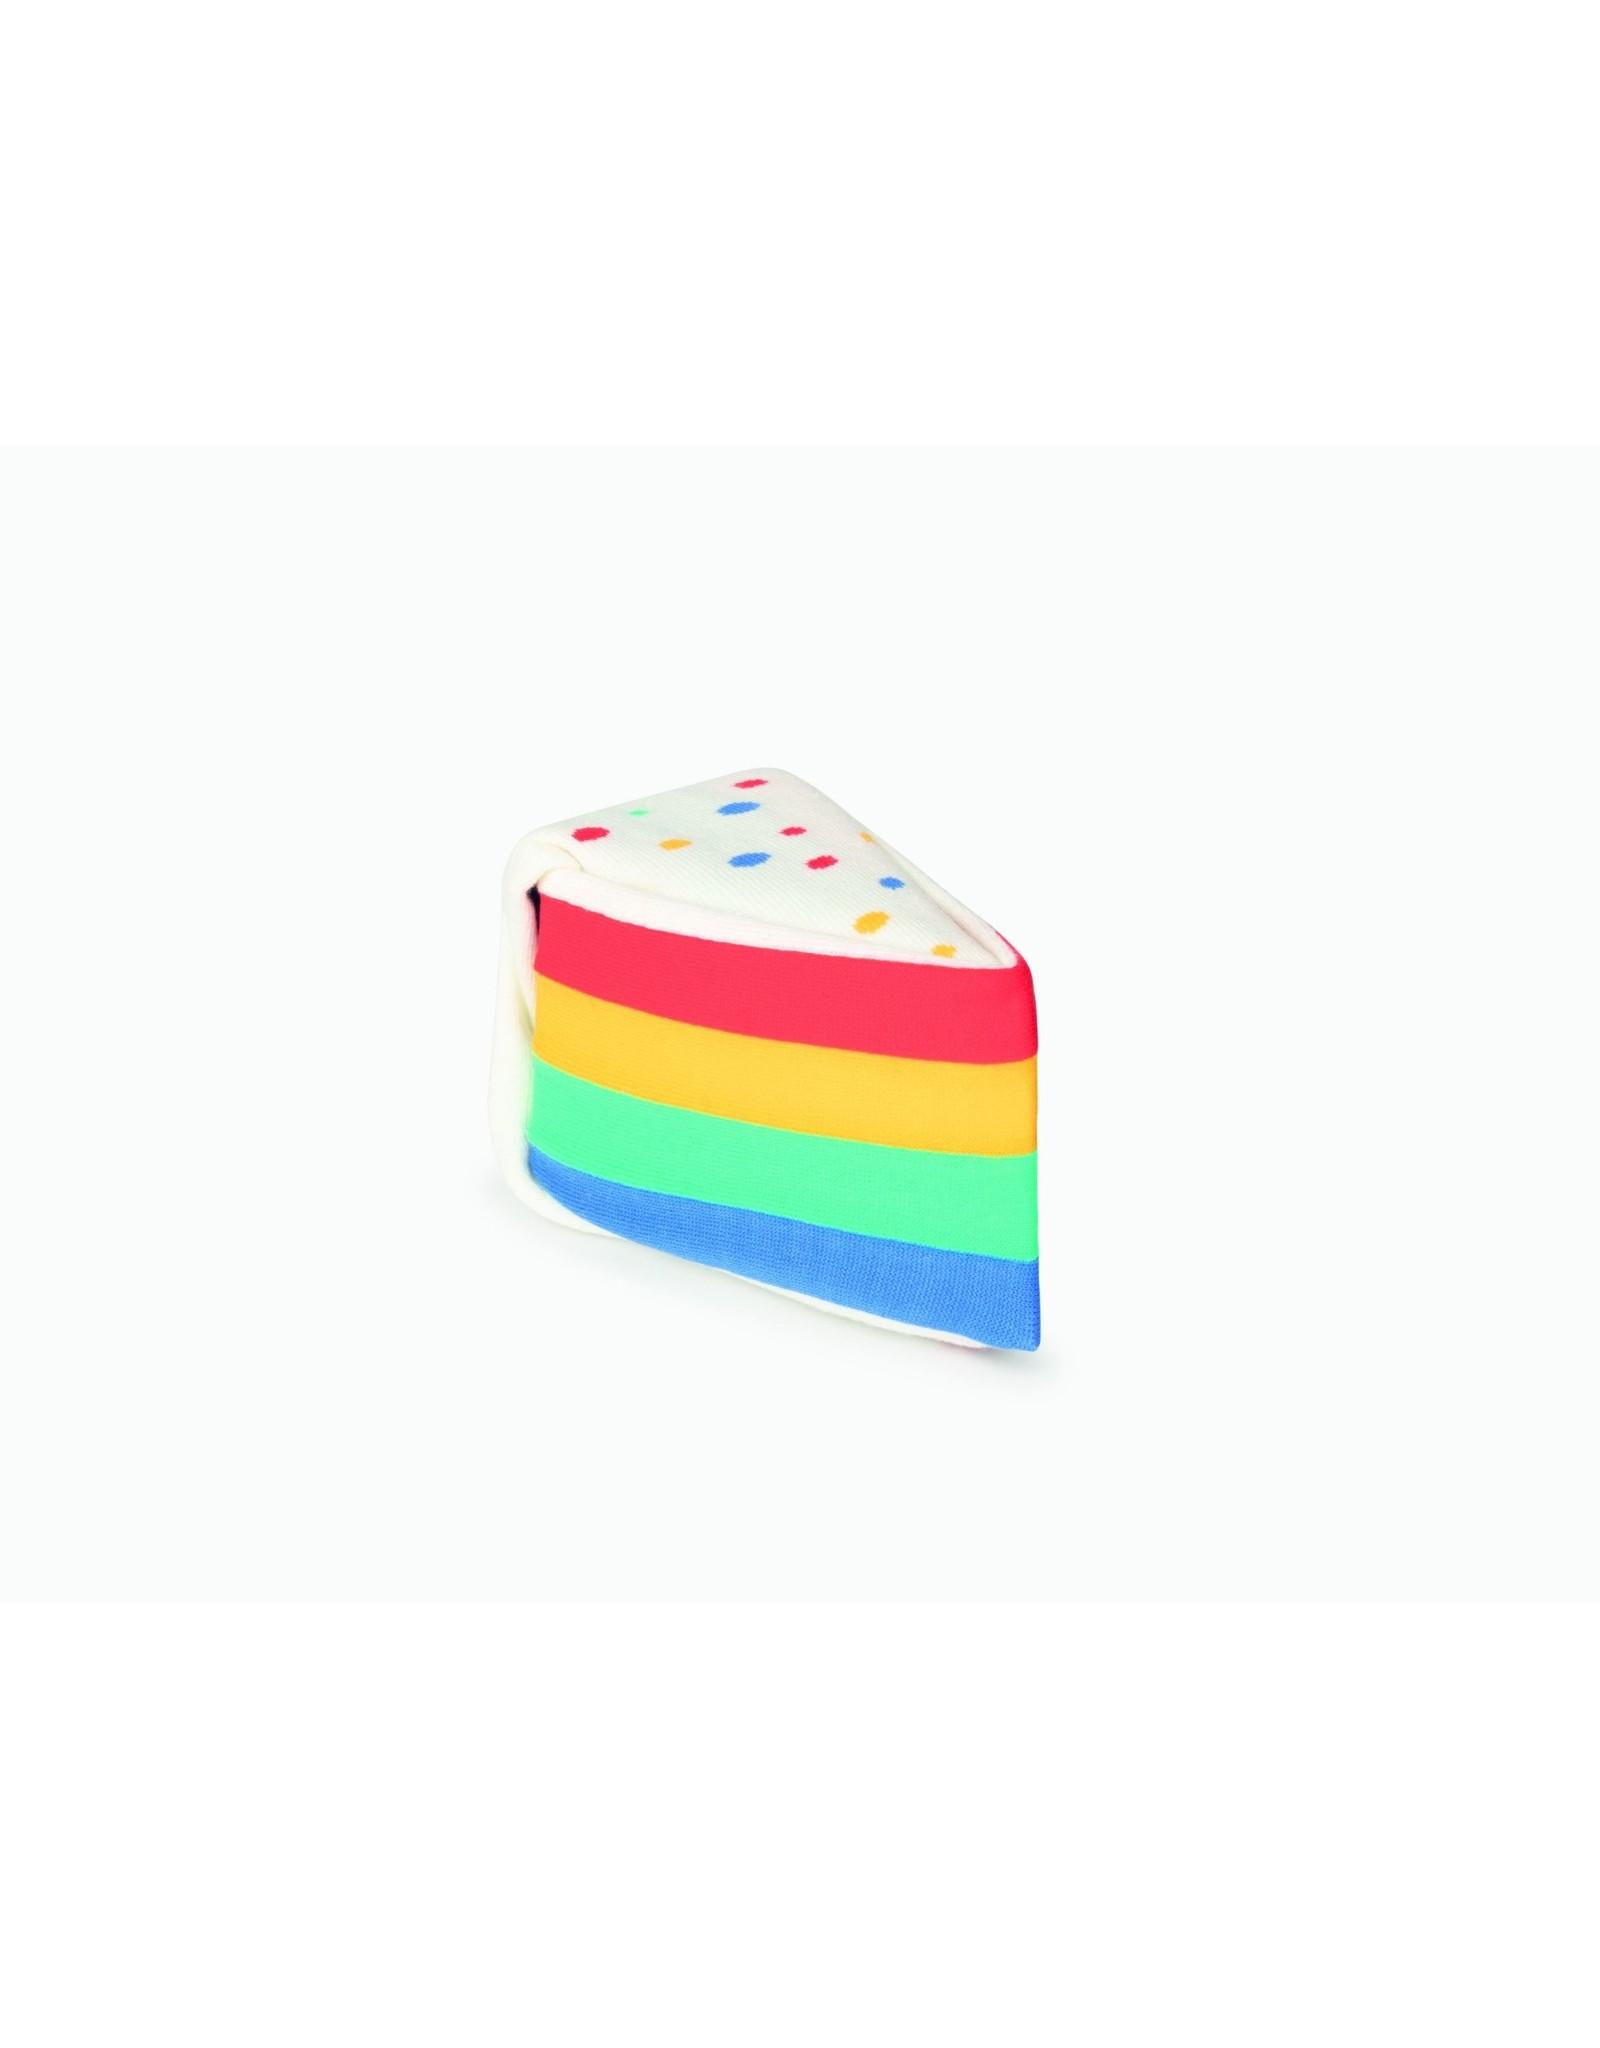 socks - rainbow cake (6)